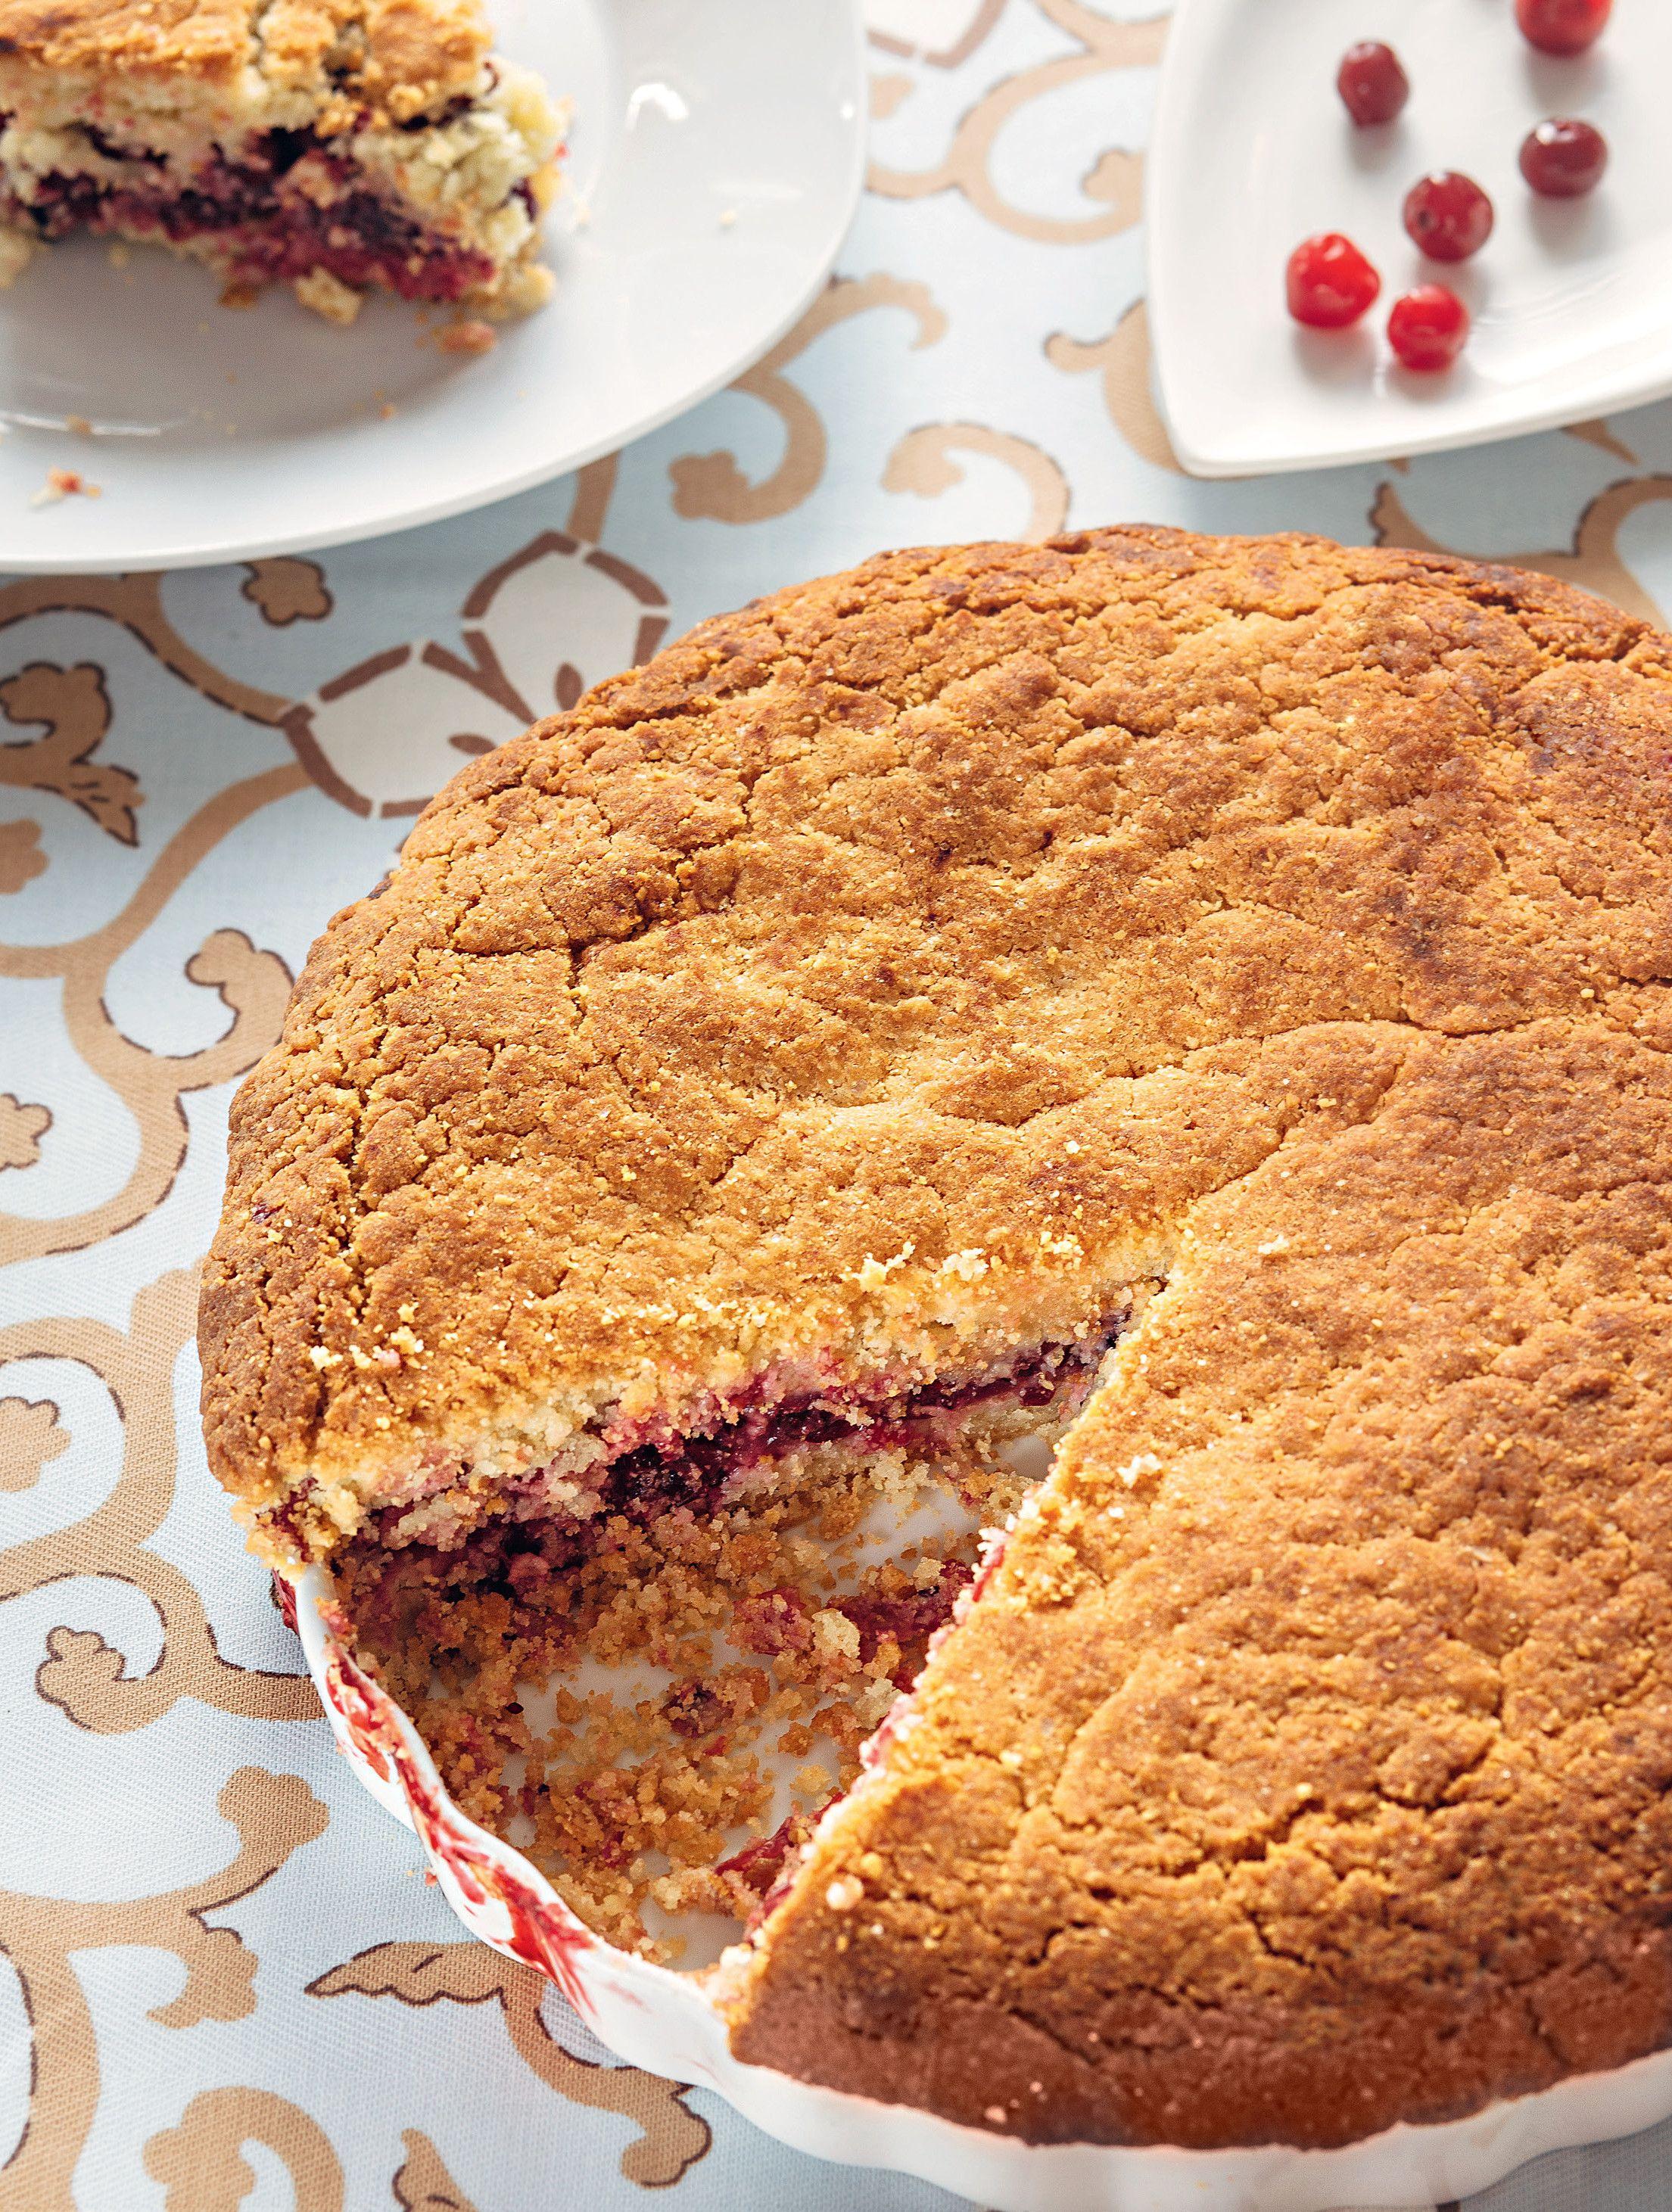 клюквенный пирог рецепт с фото предметы одежды аксессуары